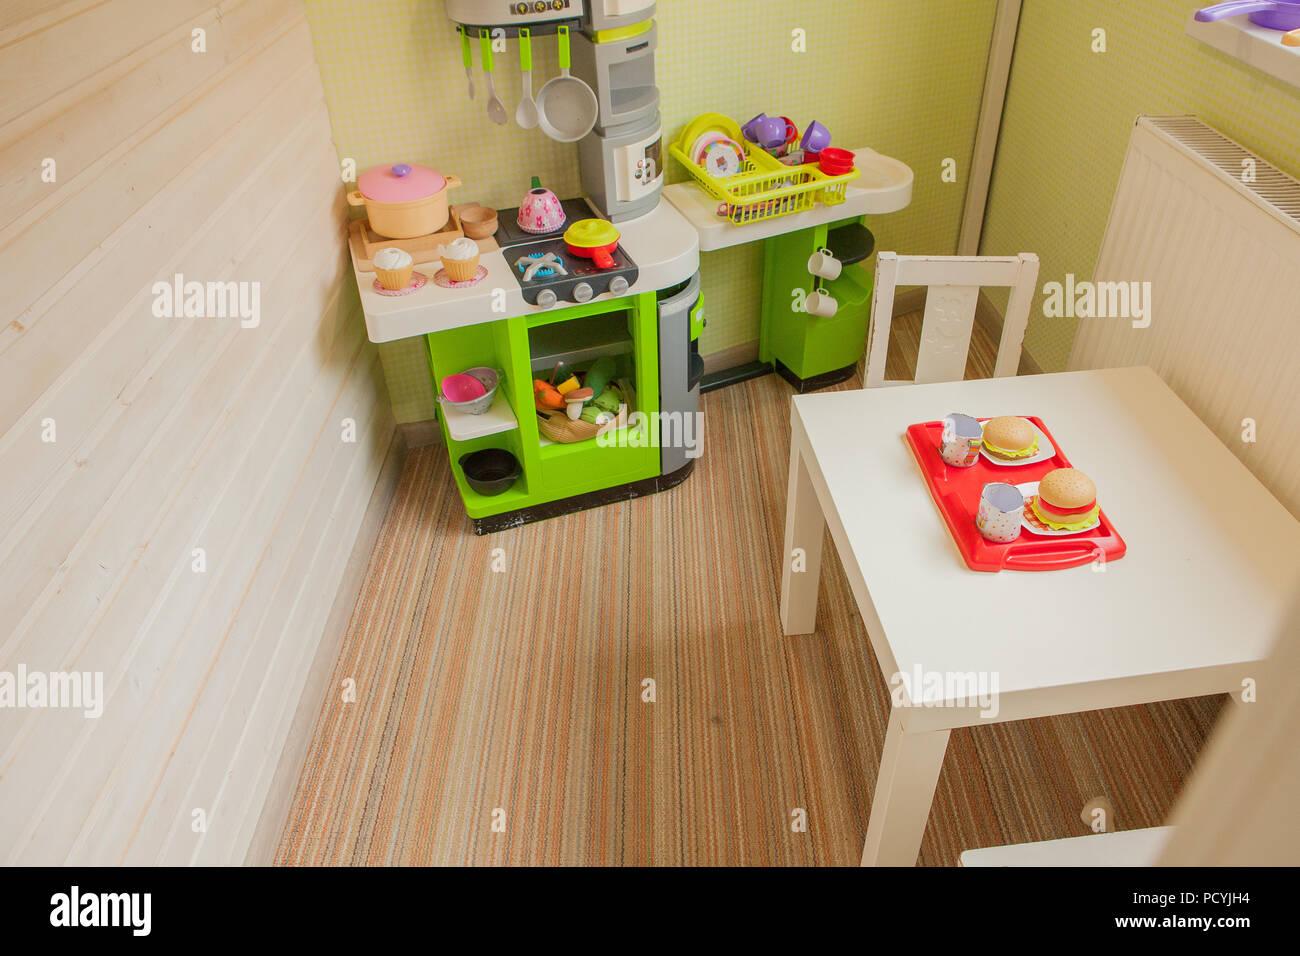 Grün Baby Retro Küche Im Kinderzimmer Kinderzimmer Stockfoto